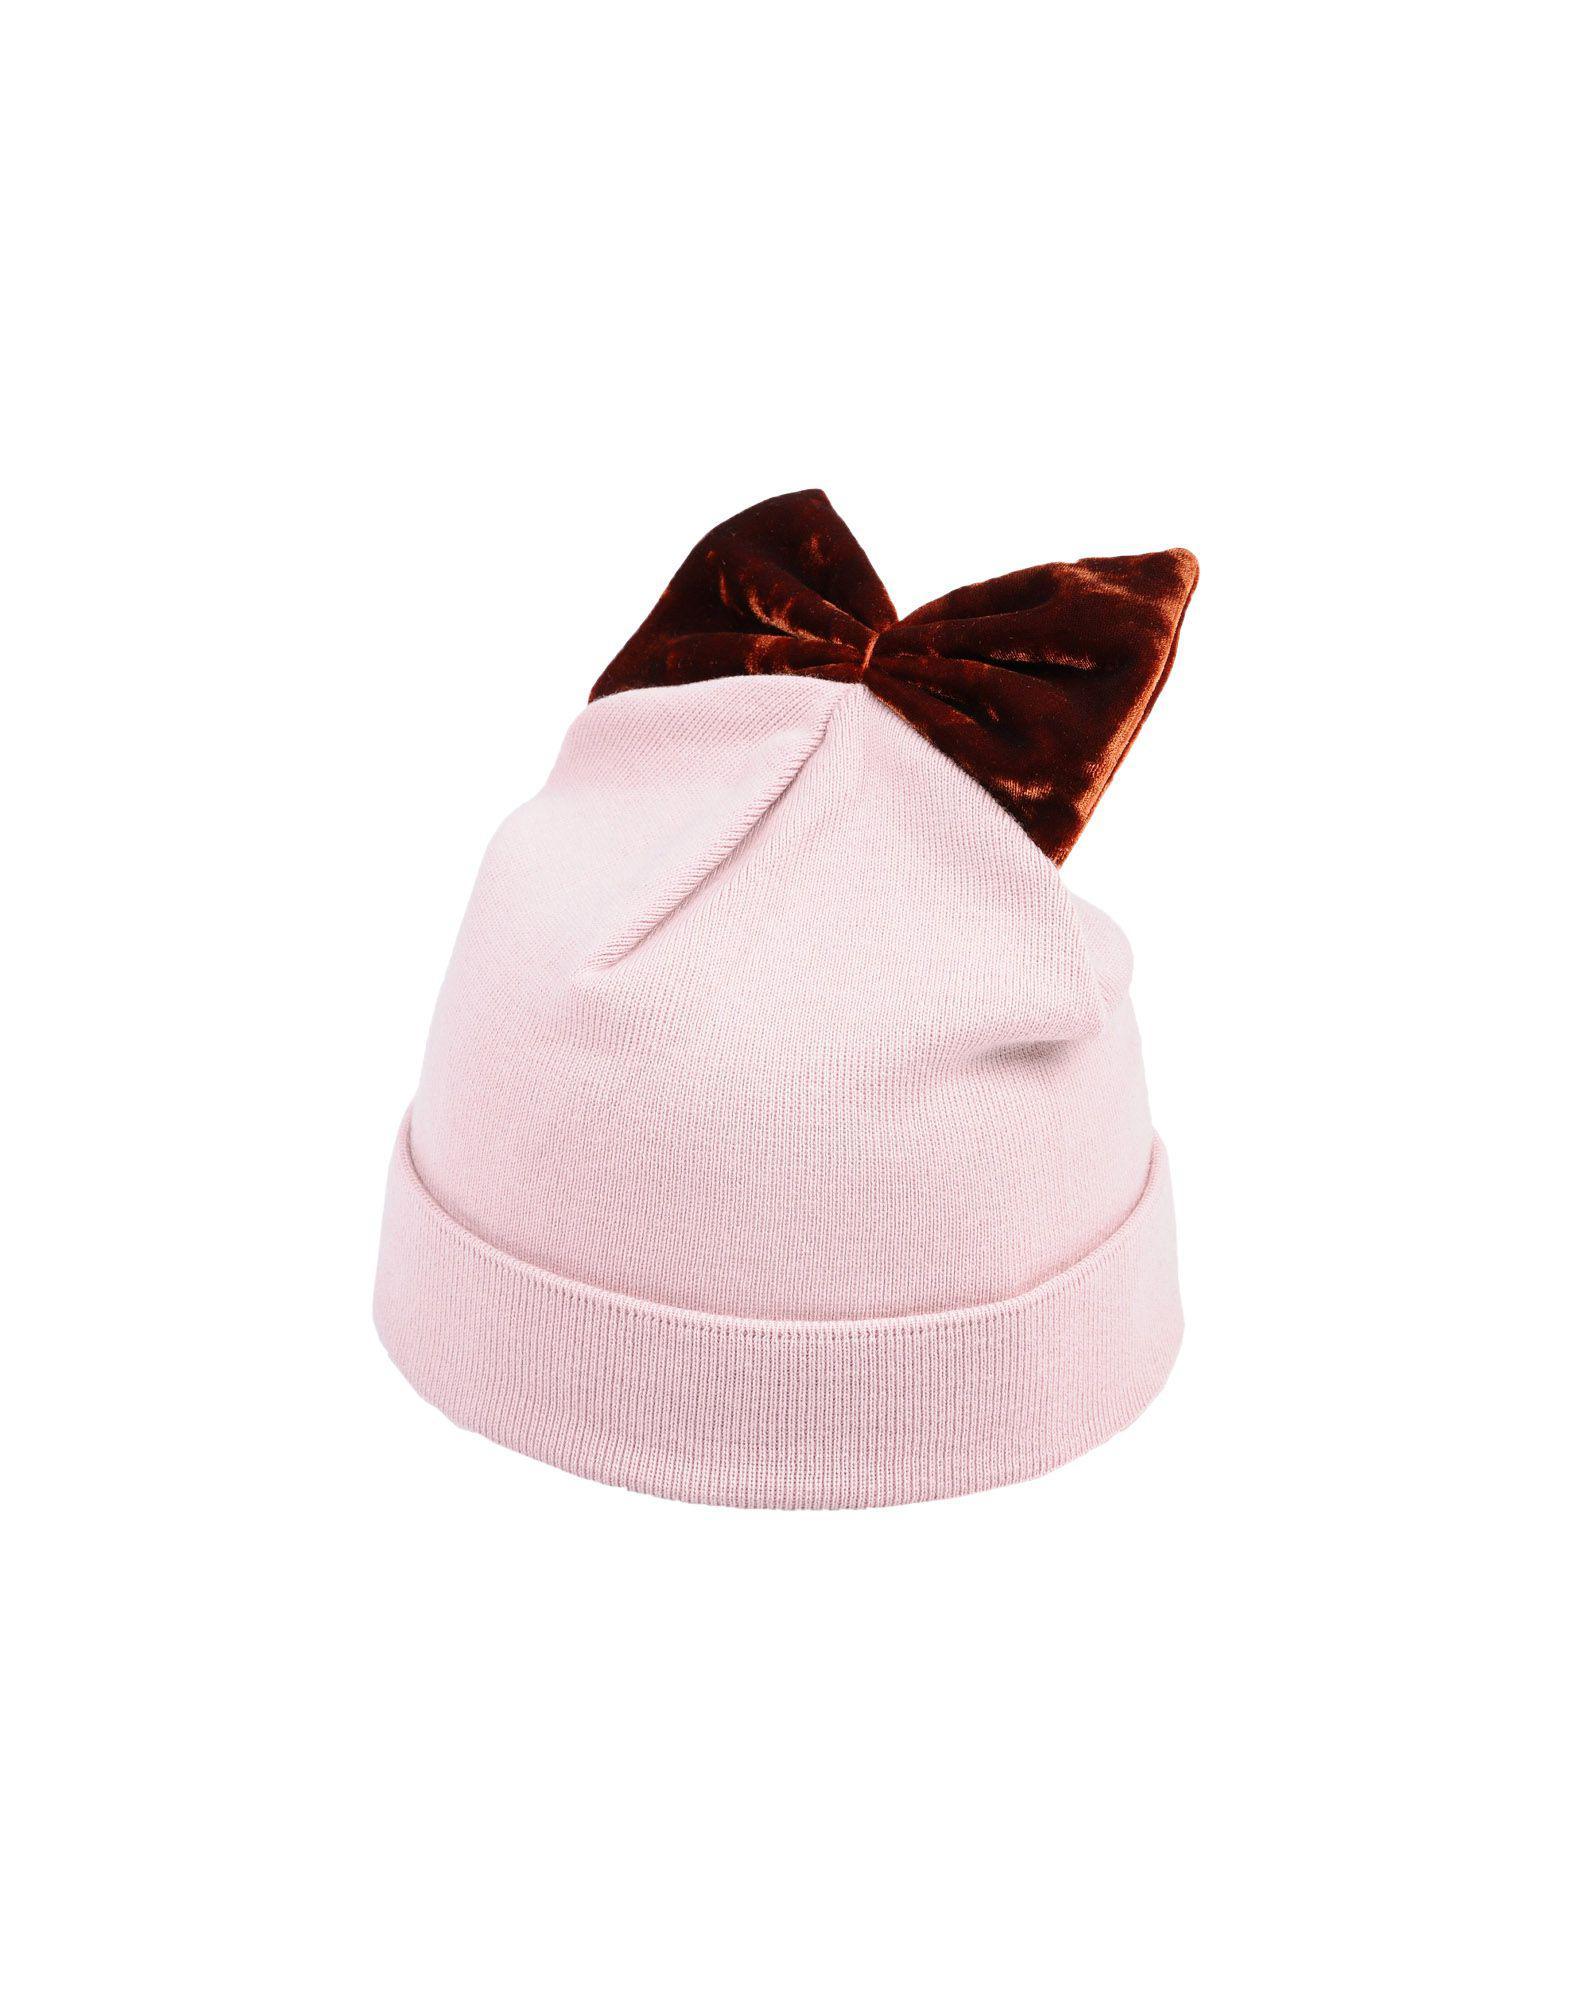 a3c16372e69 Federica Moretti Hat in Pink - Lyst